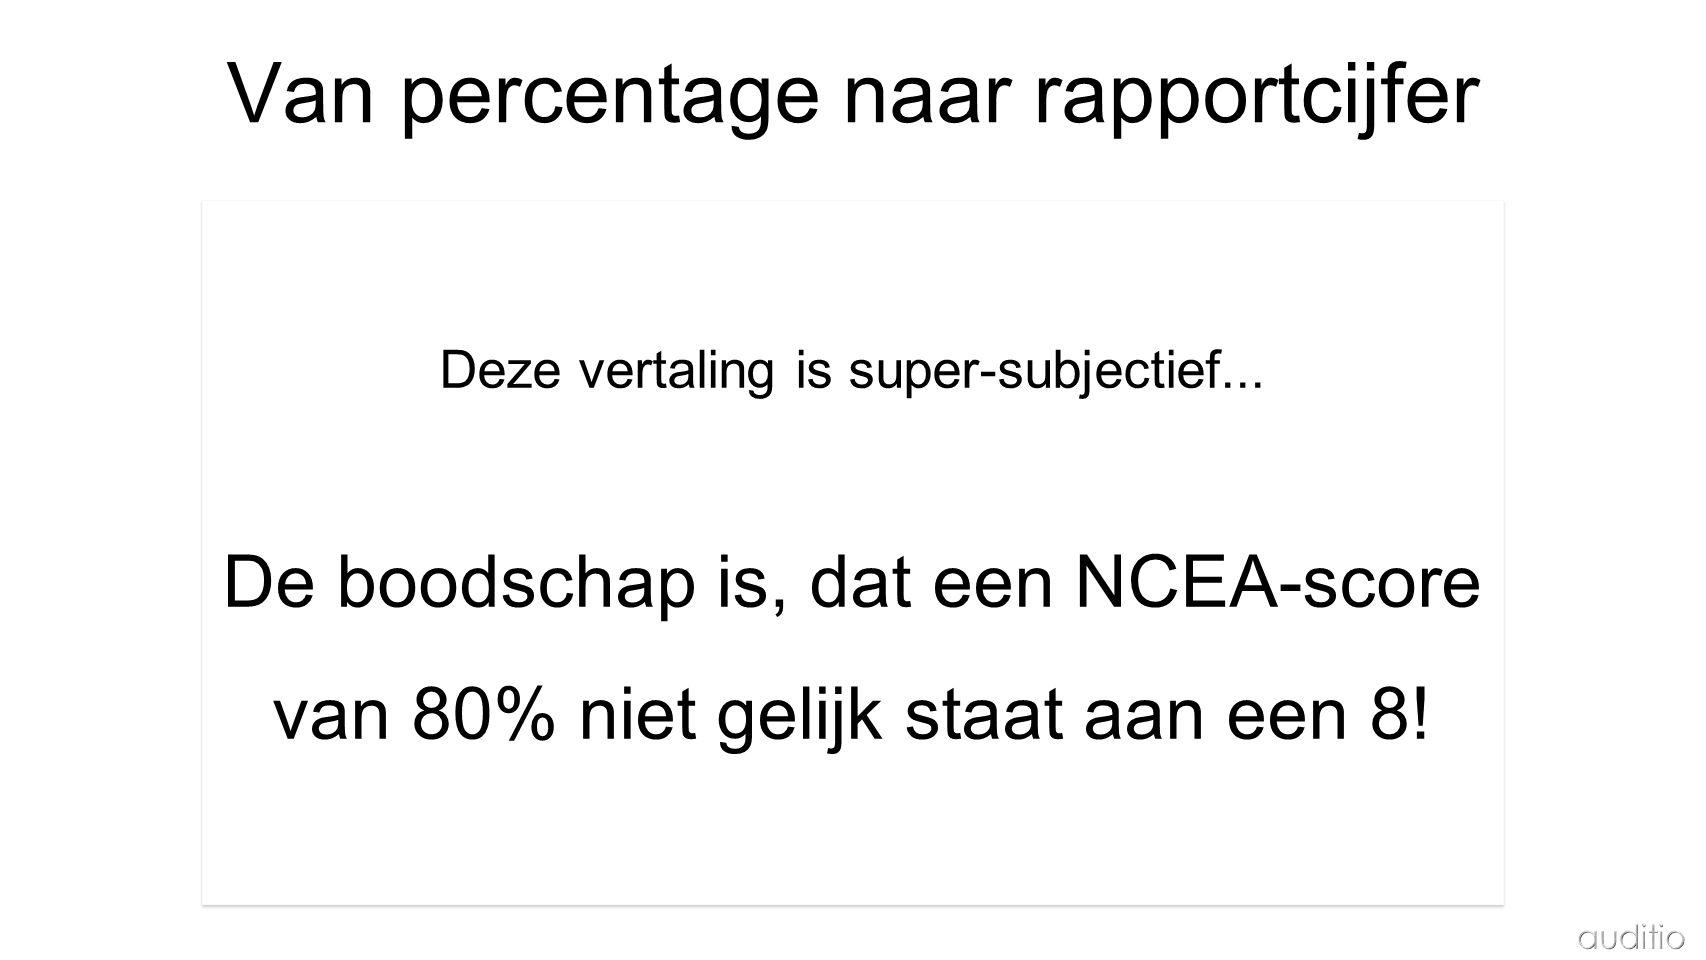 Van percentage naar rapportcijfer beoordeling ⇒ Deze vertaling is super-subjectief...